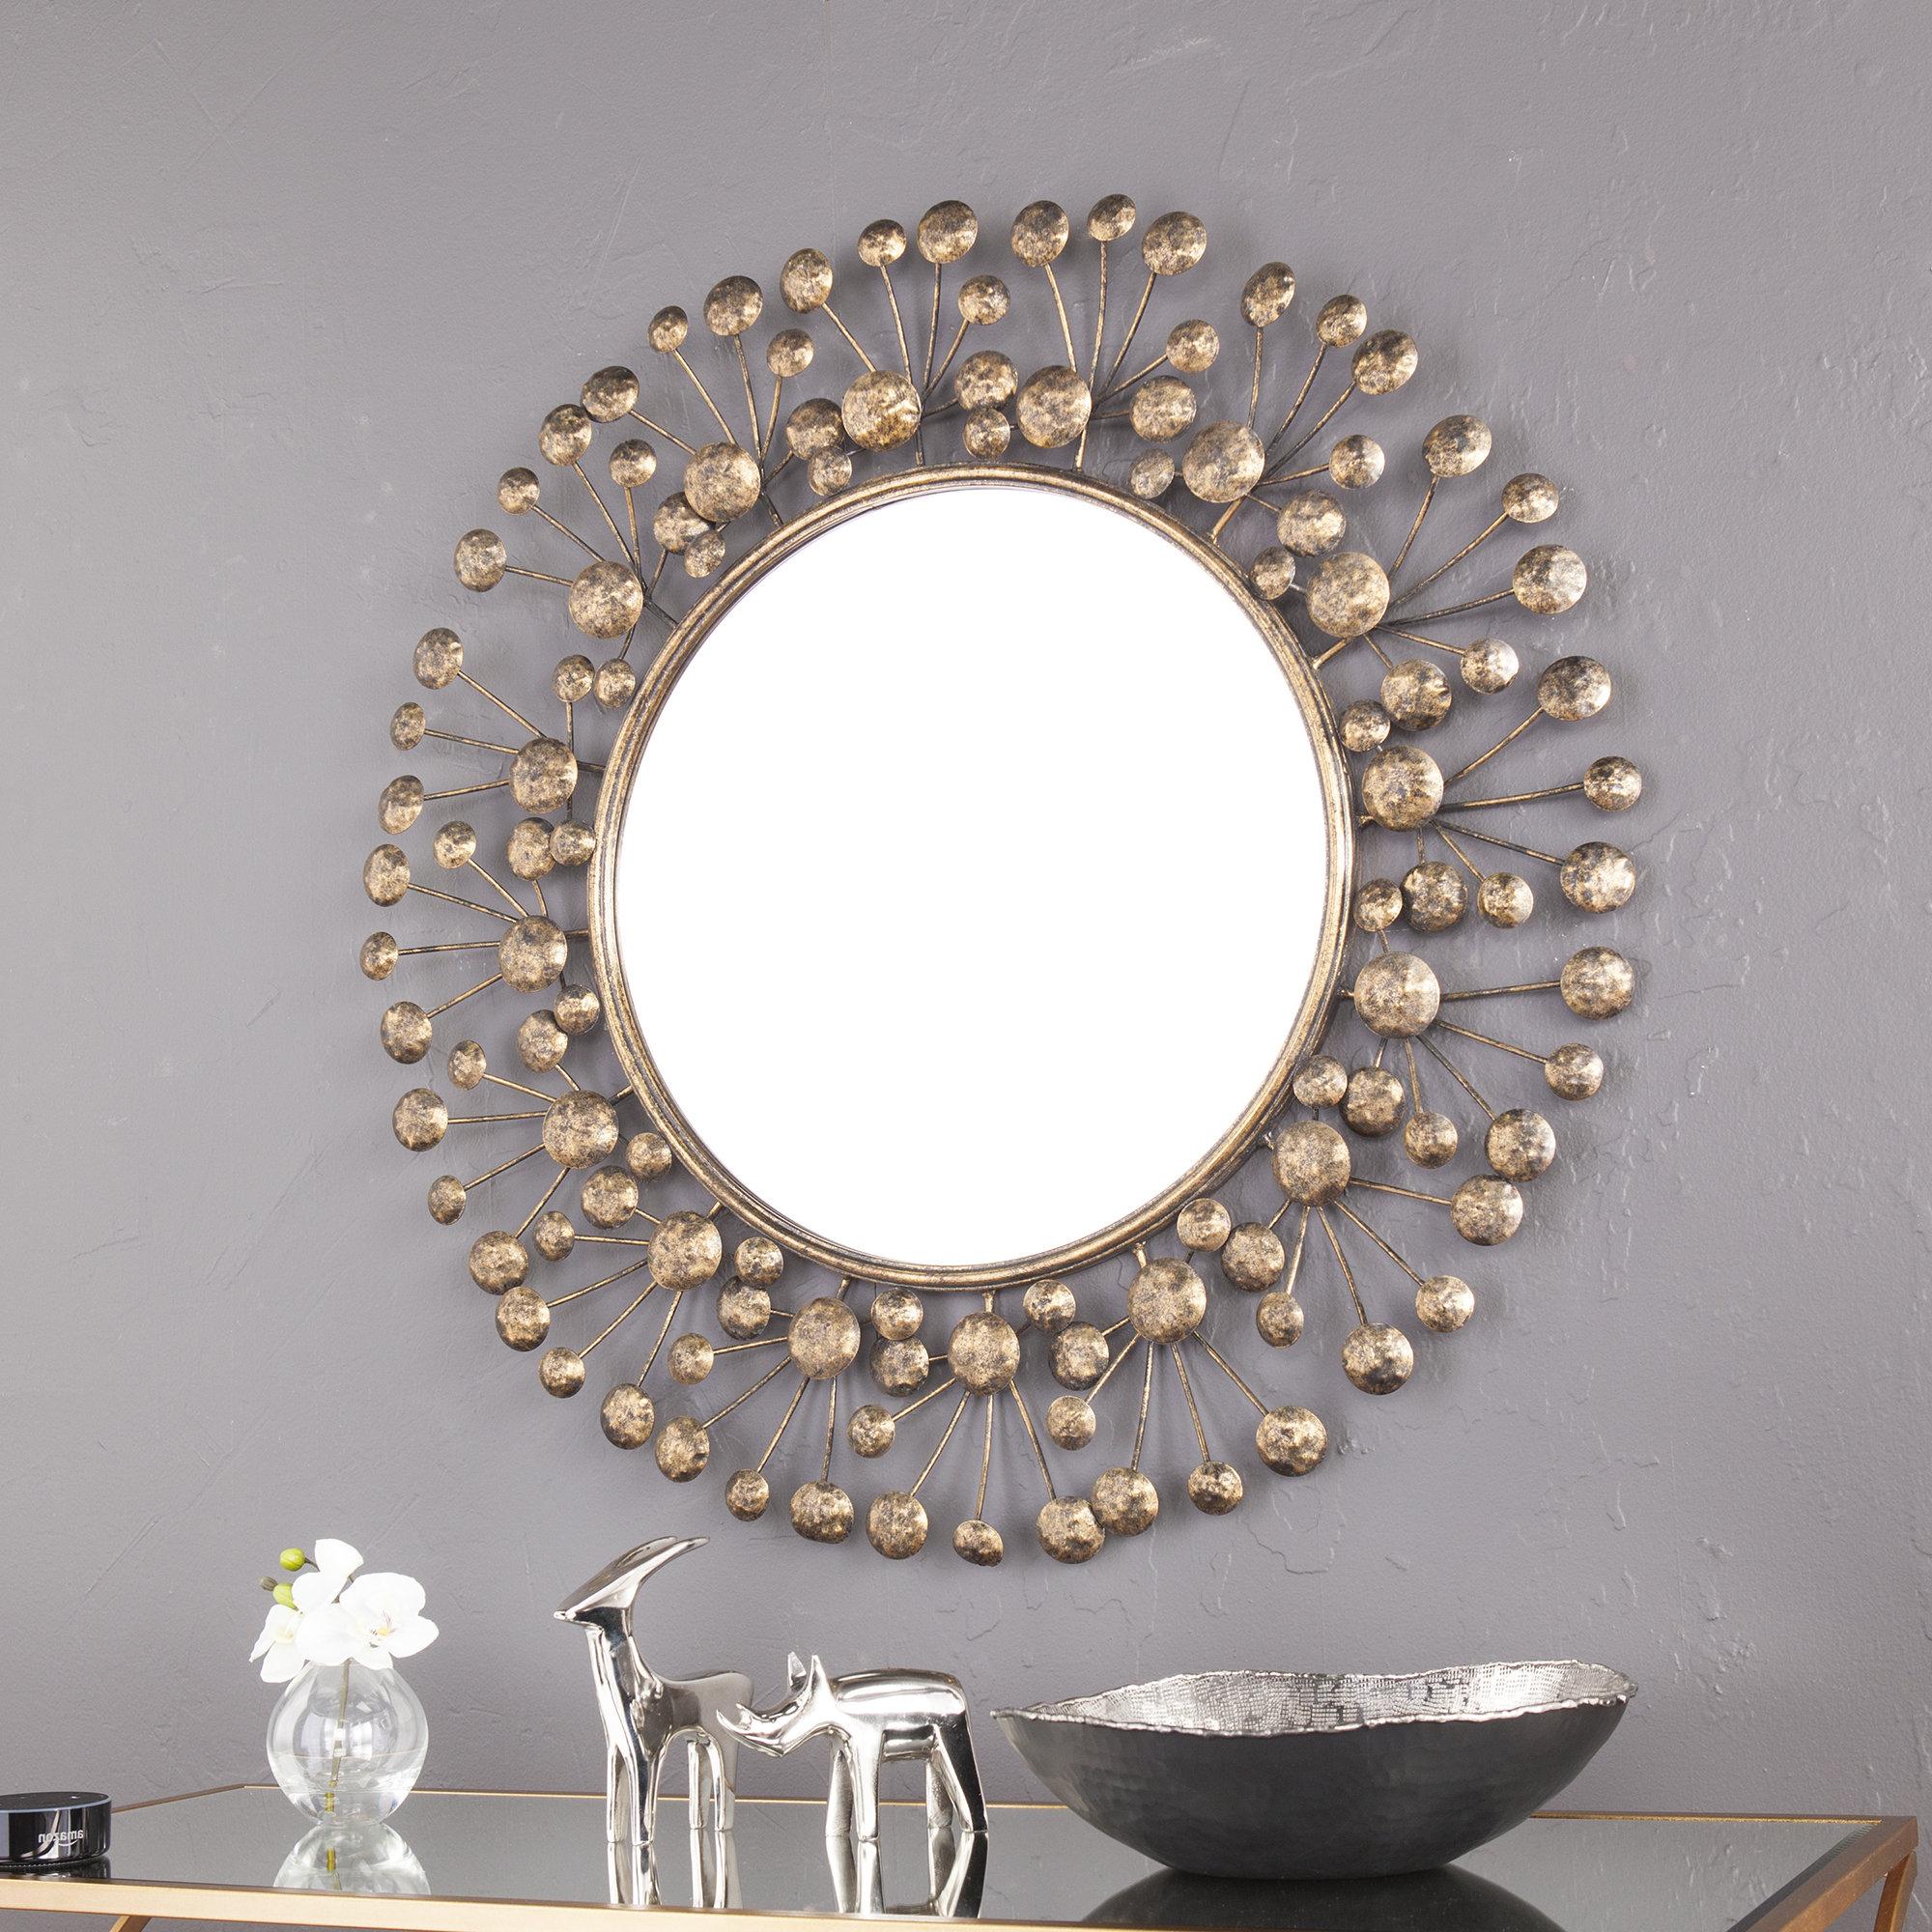 Trendy Decorative Round Wall Mirrors Regarding Details About Brayden Studio Eisenbarth Oversized Decorative Round Wall  Mirror (View 19 of 20)